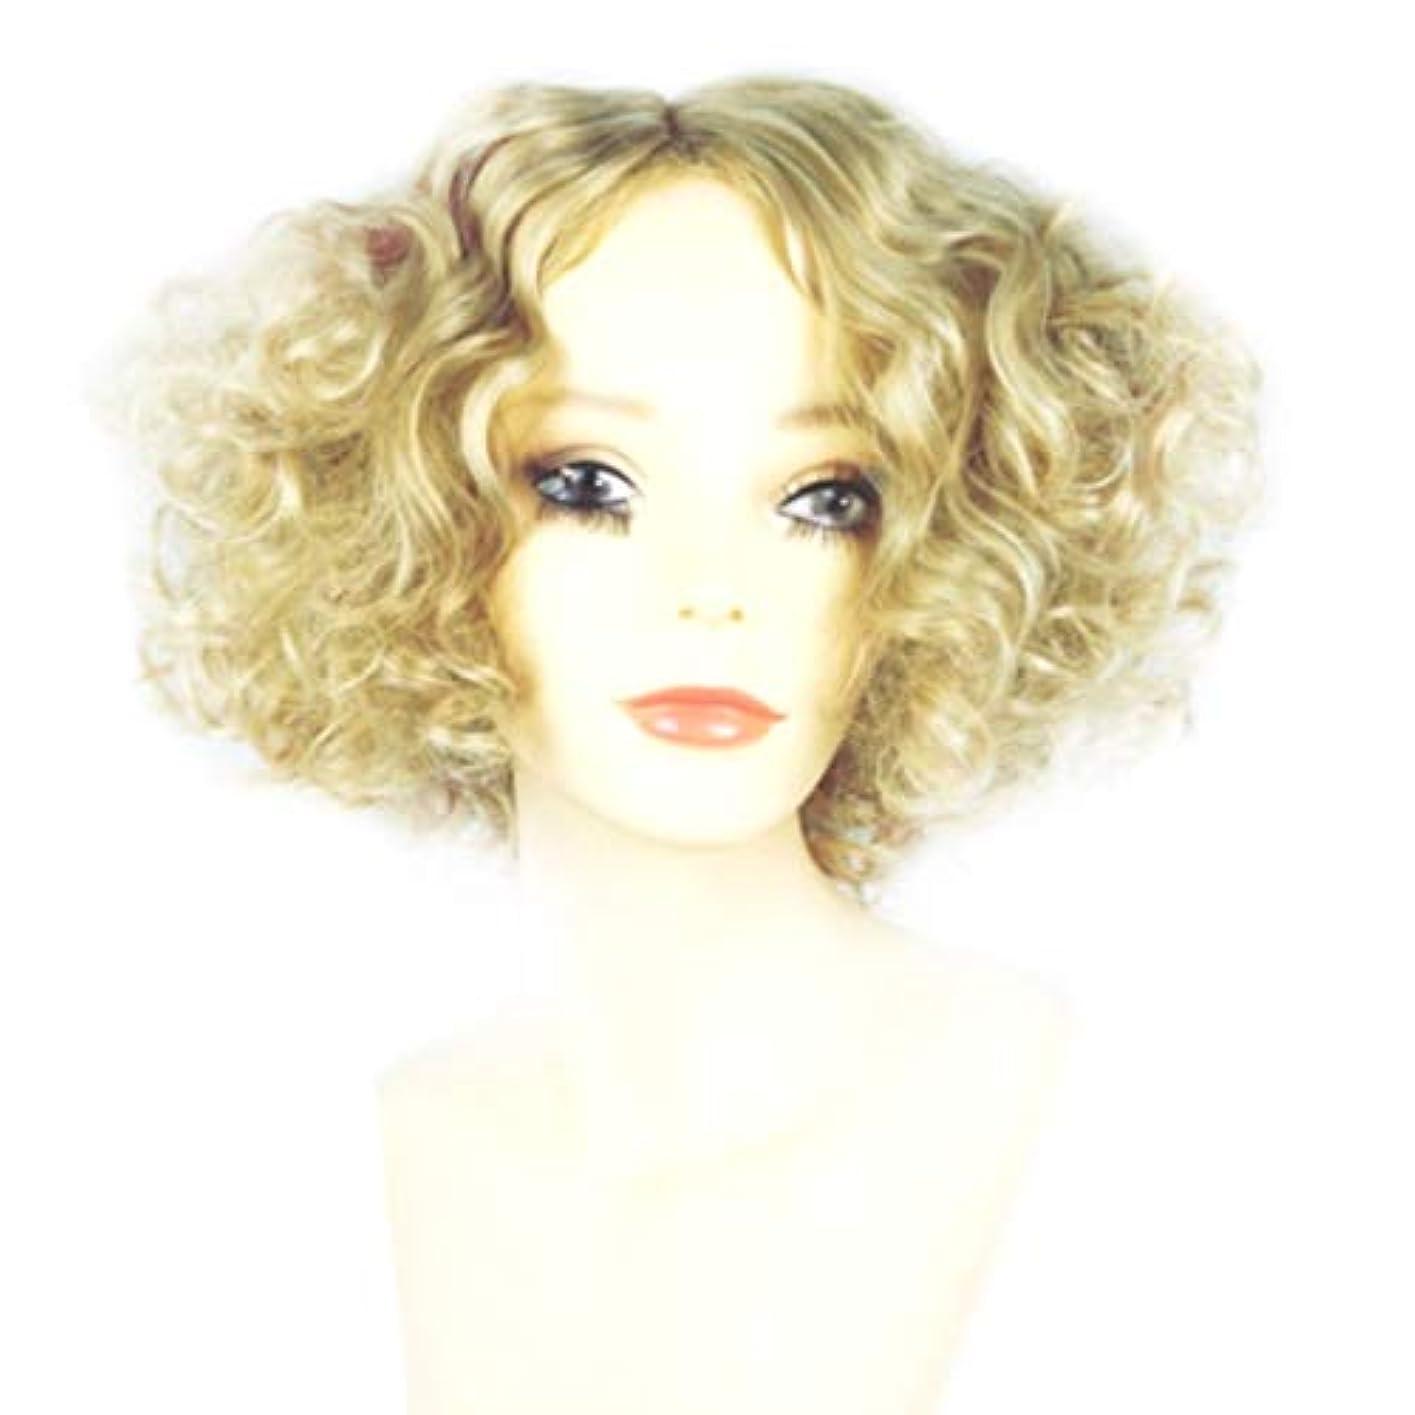 エレベーターアウターダッシュKerwinner 女性のための短い巻き毛のかつらブロンドのボブの髪かつら自然に見える耐熱合成かつら